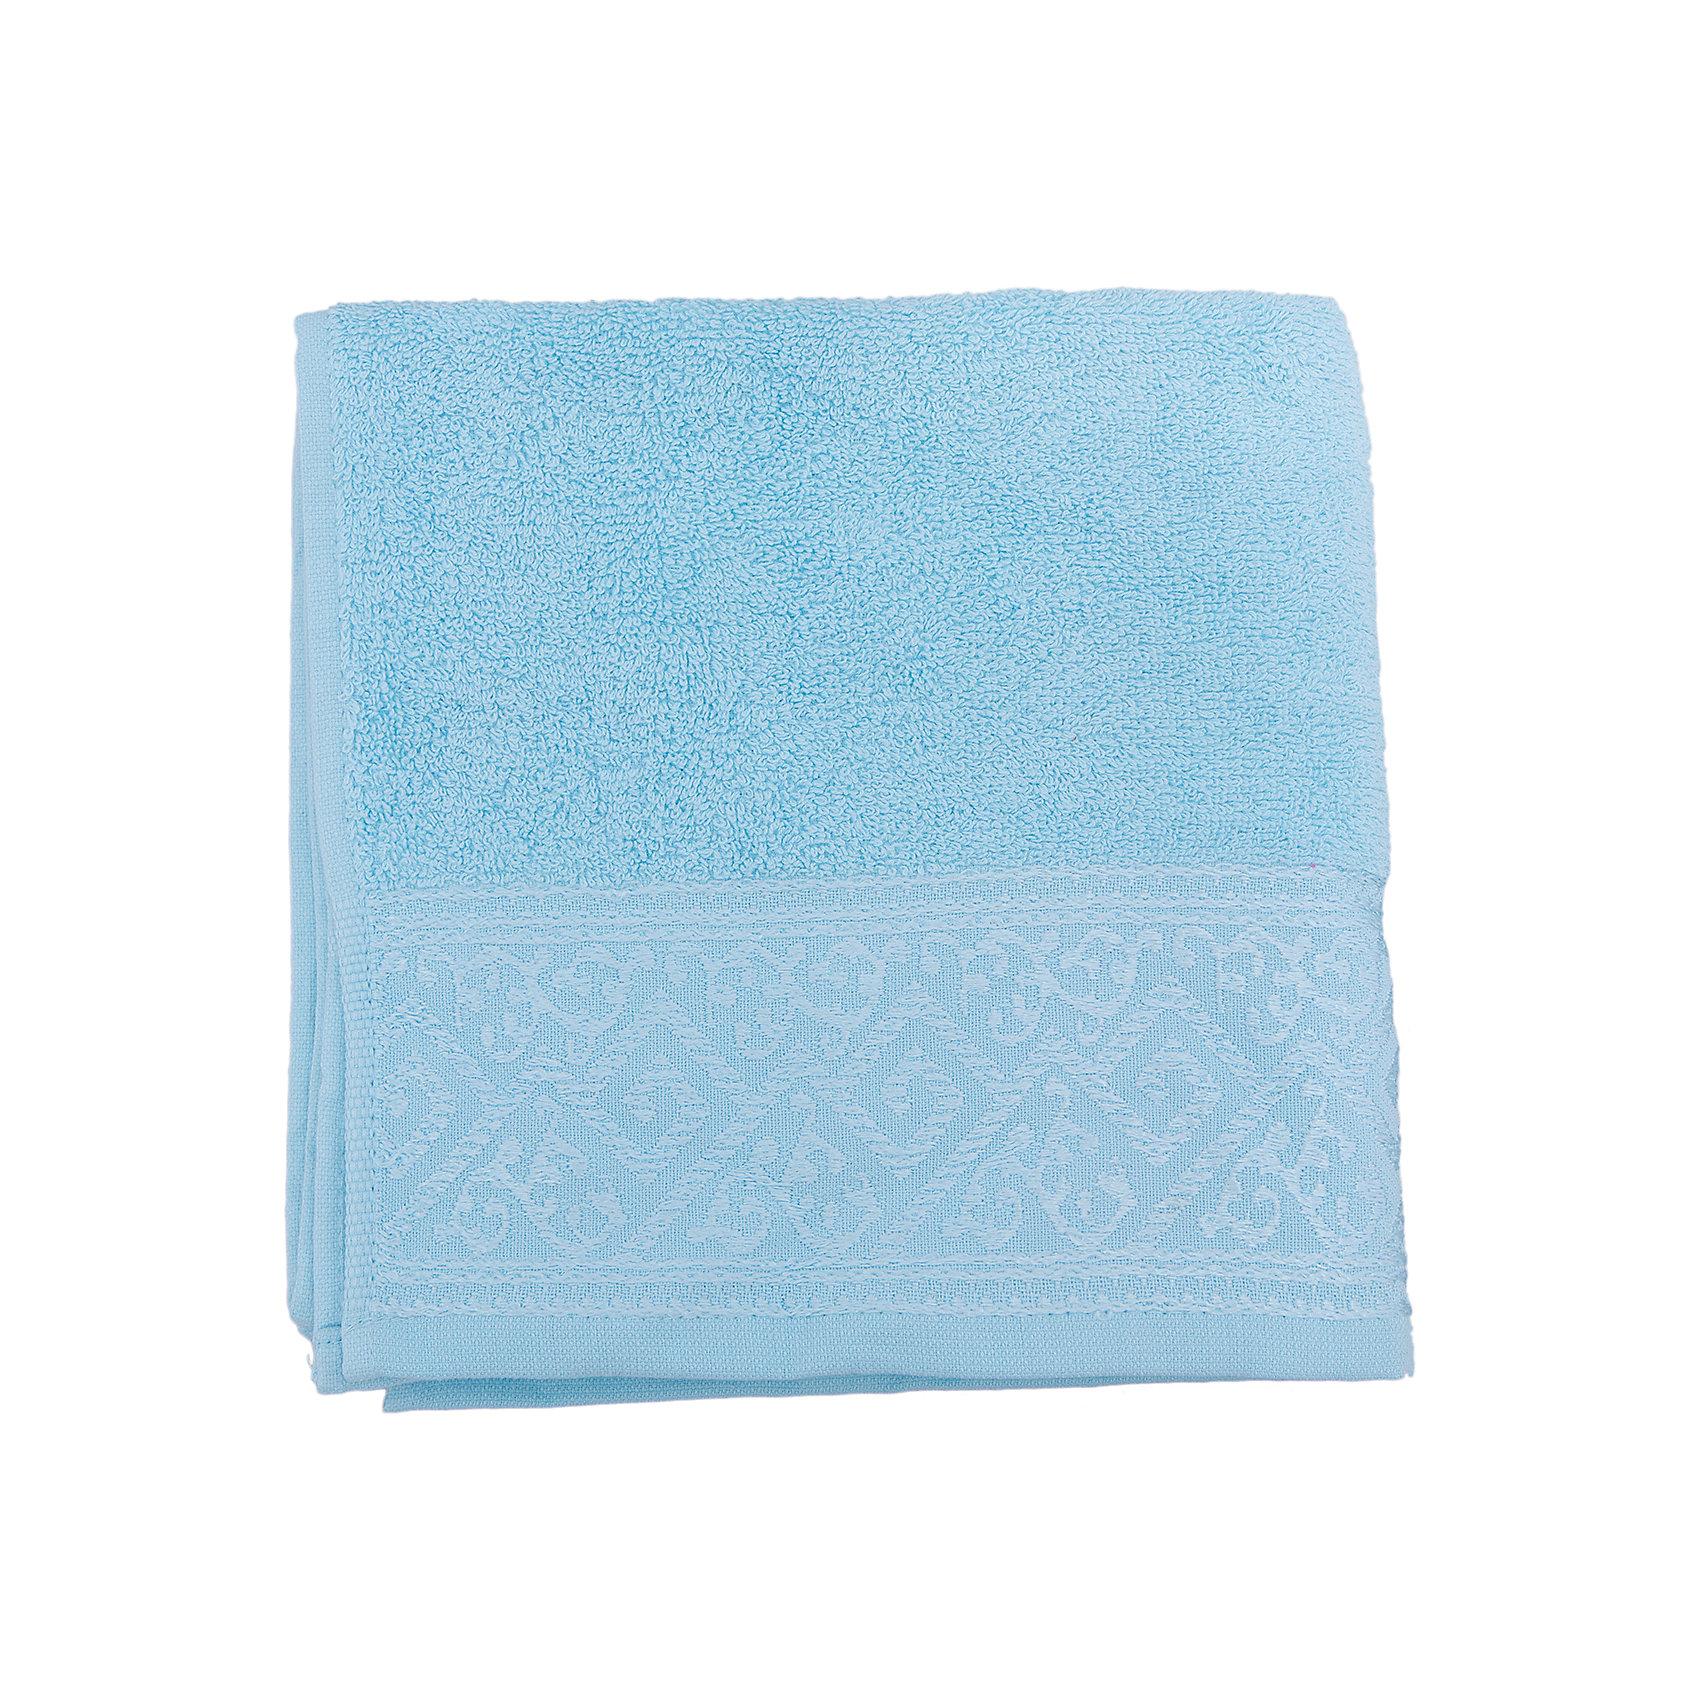 Полотенце махровое Majolica 50*100, Португалия, небесно-голубойВанная комната<br>Махровое полотенце Majolica изготовлено из натурального хлопка и соответствует всем требованиям качества. Оно сохранит цвет даже после многих стирок, подарит мягкость и замечательно впитает воду. Полотенце украшено необычным орнаментом по краю.<br><br>Дополнительная информация:<br>Материал: 100% хлопок<br>Плотность: 500 г/м2<br>Размер: 50х100 см<br>Цвет: небесно-голубой<br>Торговая марка: Португалия<br><br>Вы можете купить махровое полотенце Majolica в нашем интернет-магазине.<br><br>Ширина мм: 500<br>Глубина мм: 500<br>Высота мм: 200<br>Вес г: 350<br>Возраст от месяцев: 0<br>Возраст до месяцев: 144<br>Пол: Унисекс<br>Возраст: Детский<br>SKU: 5010942